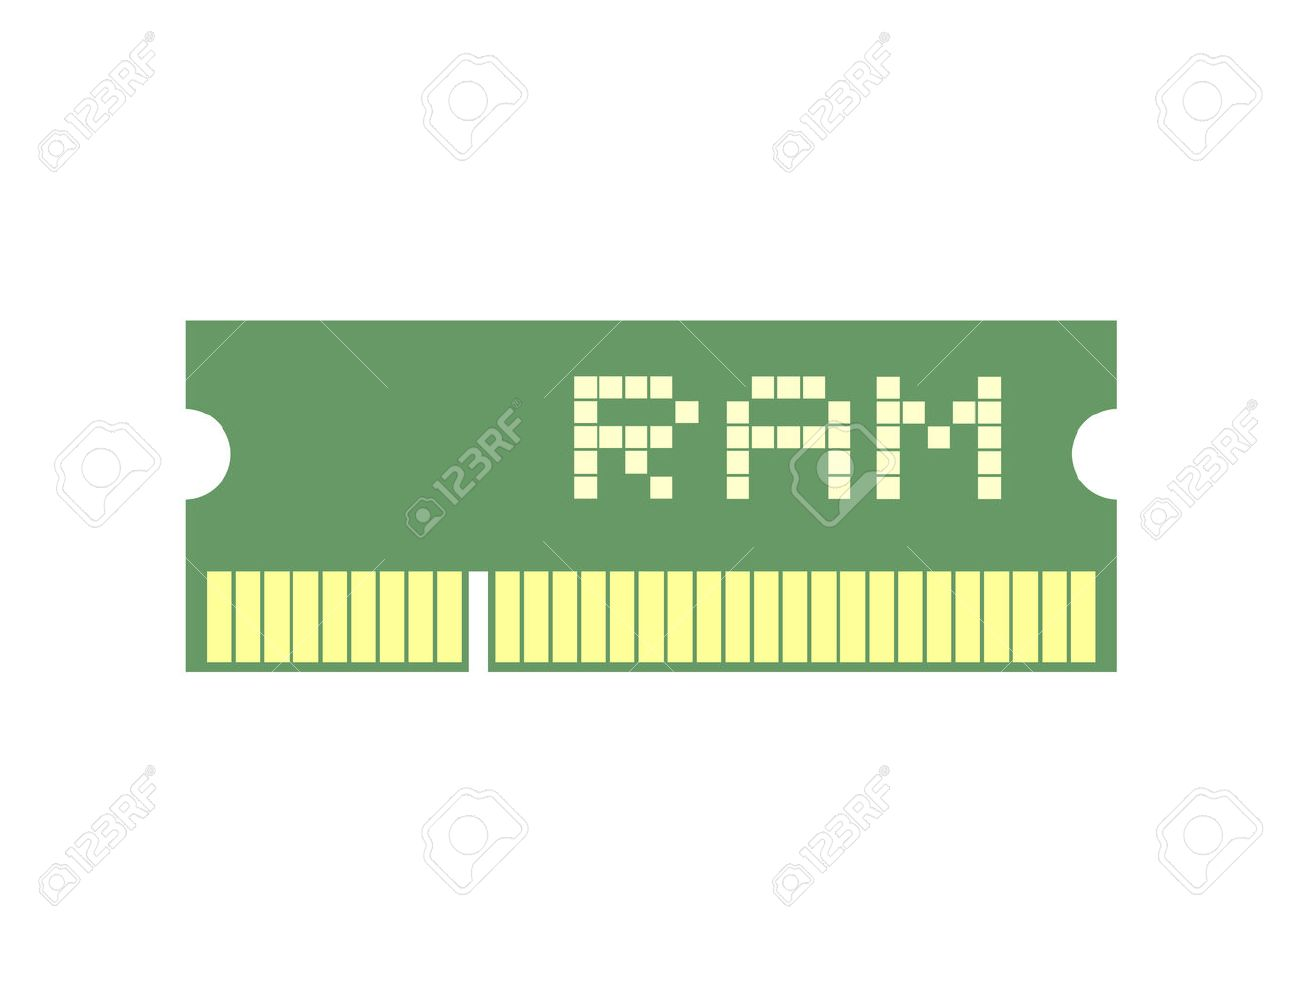 memory ram symbol - 54095514